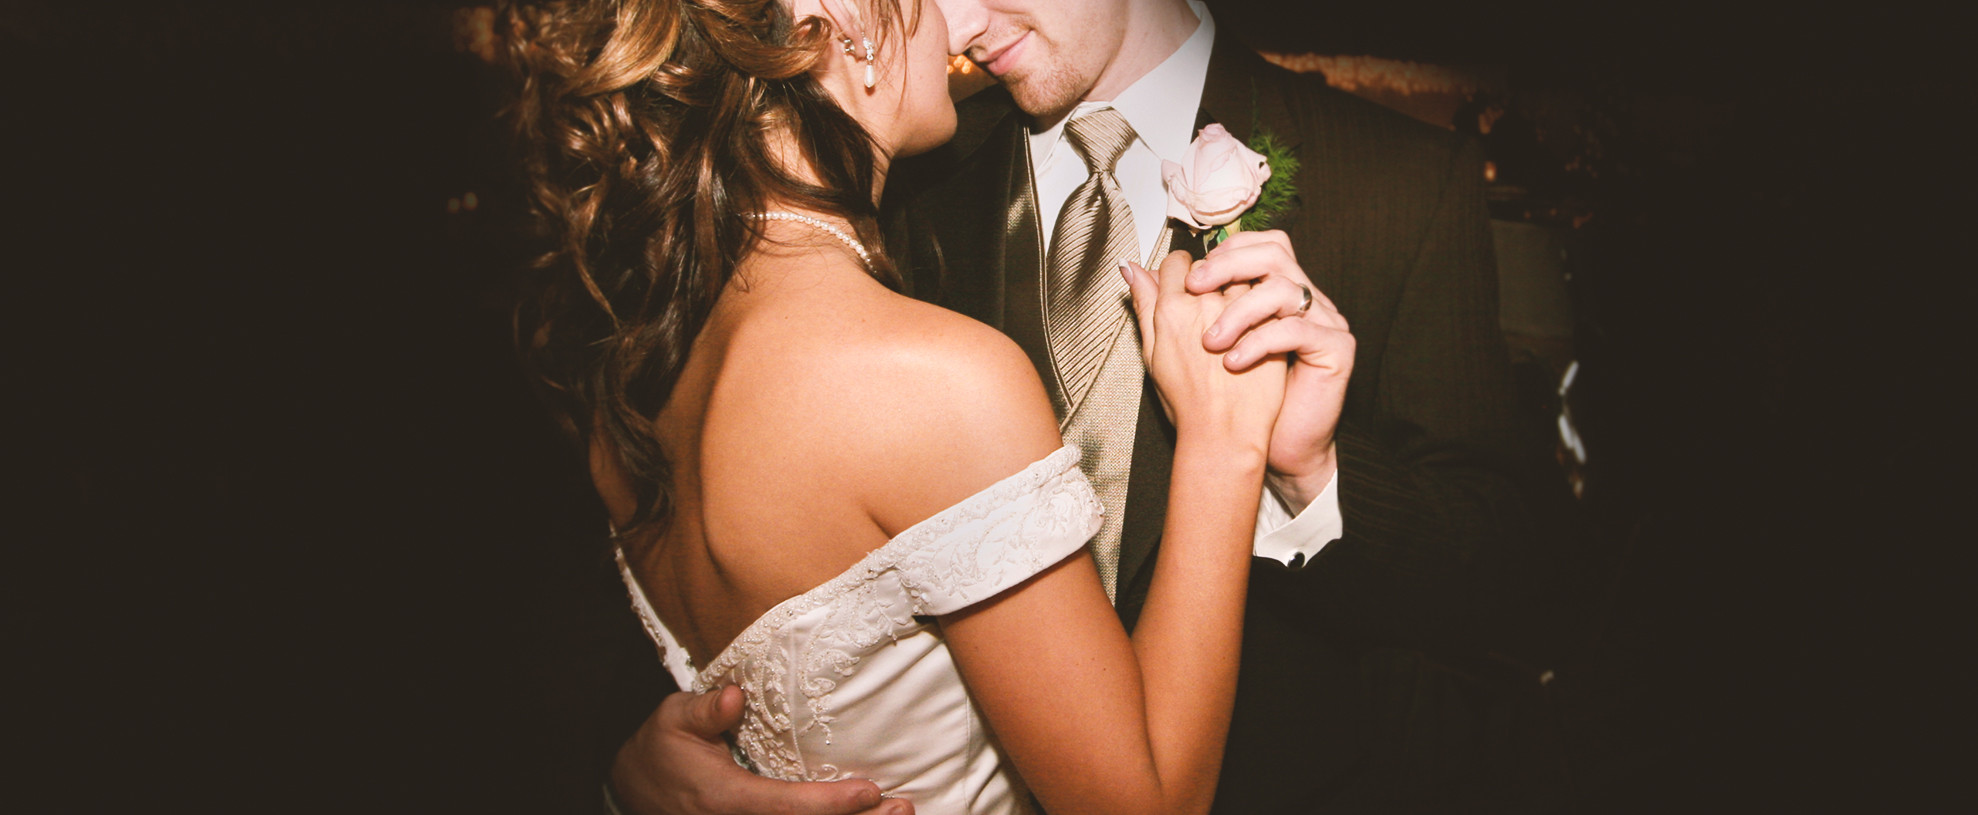 Coppia sposata